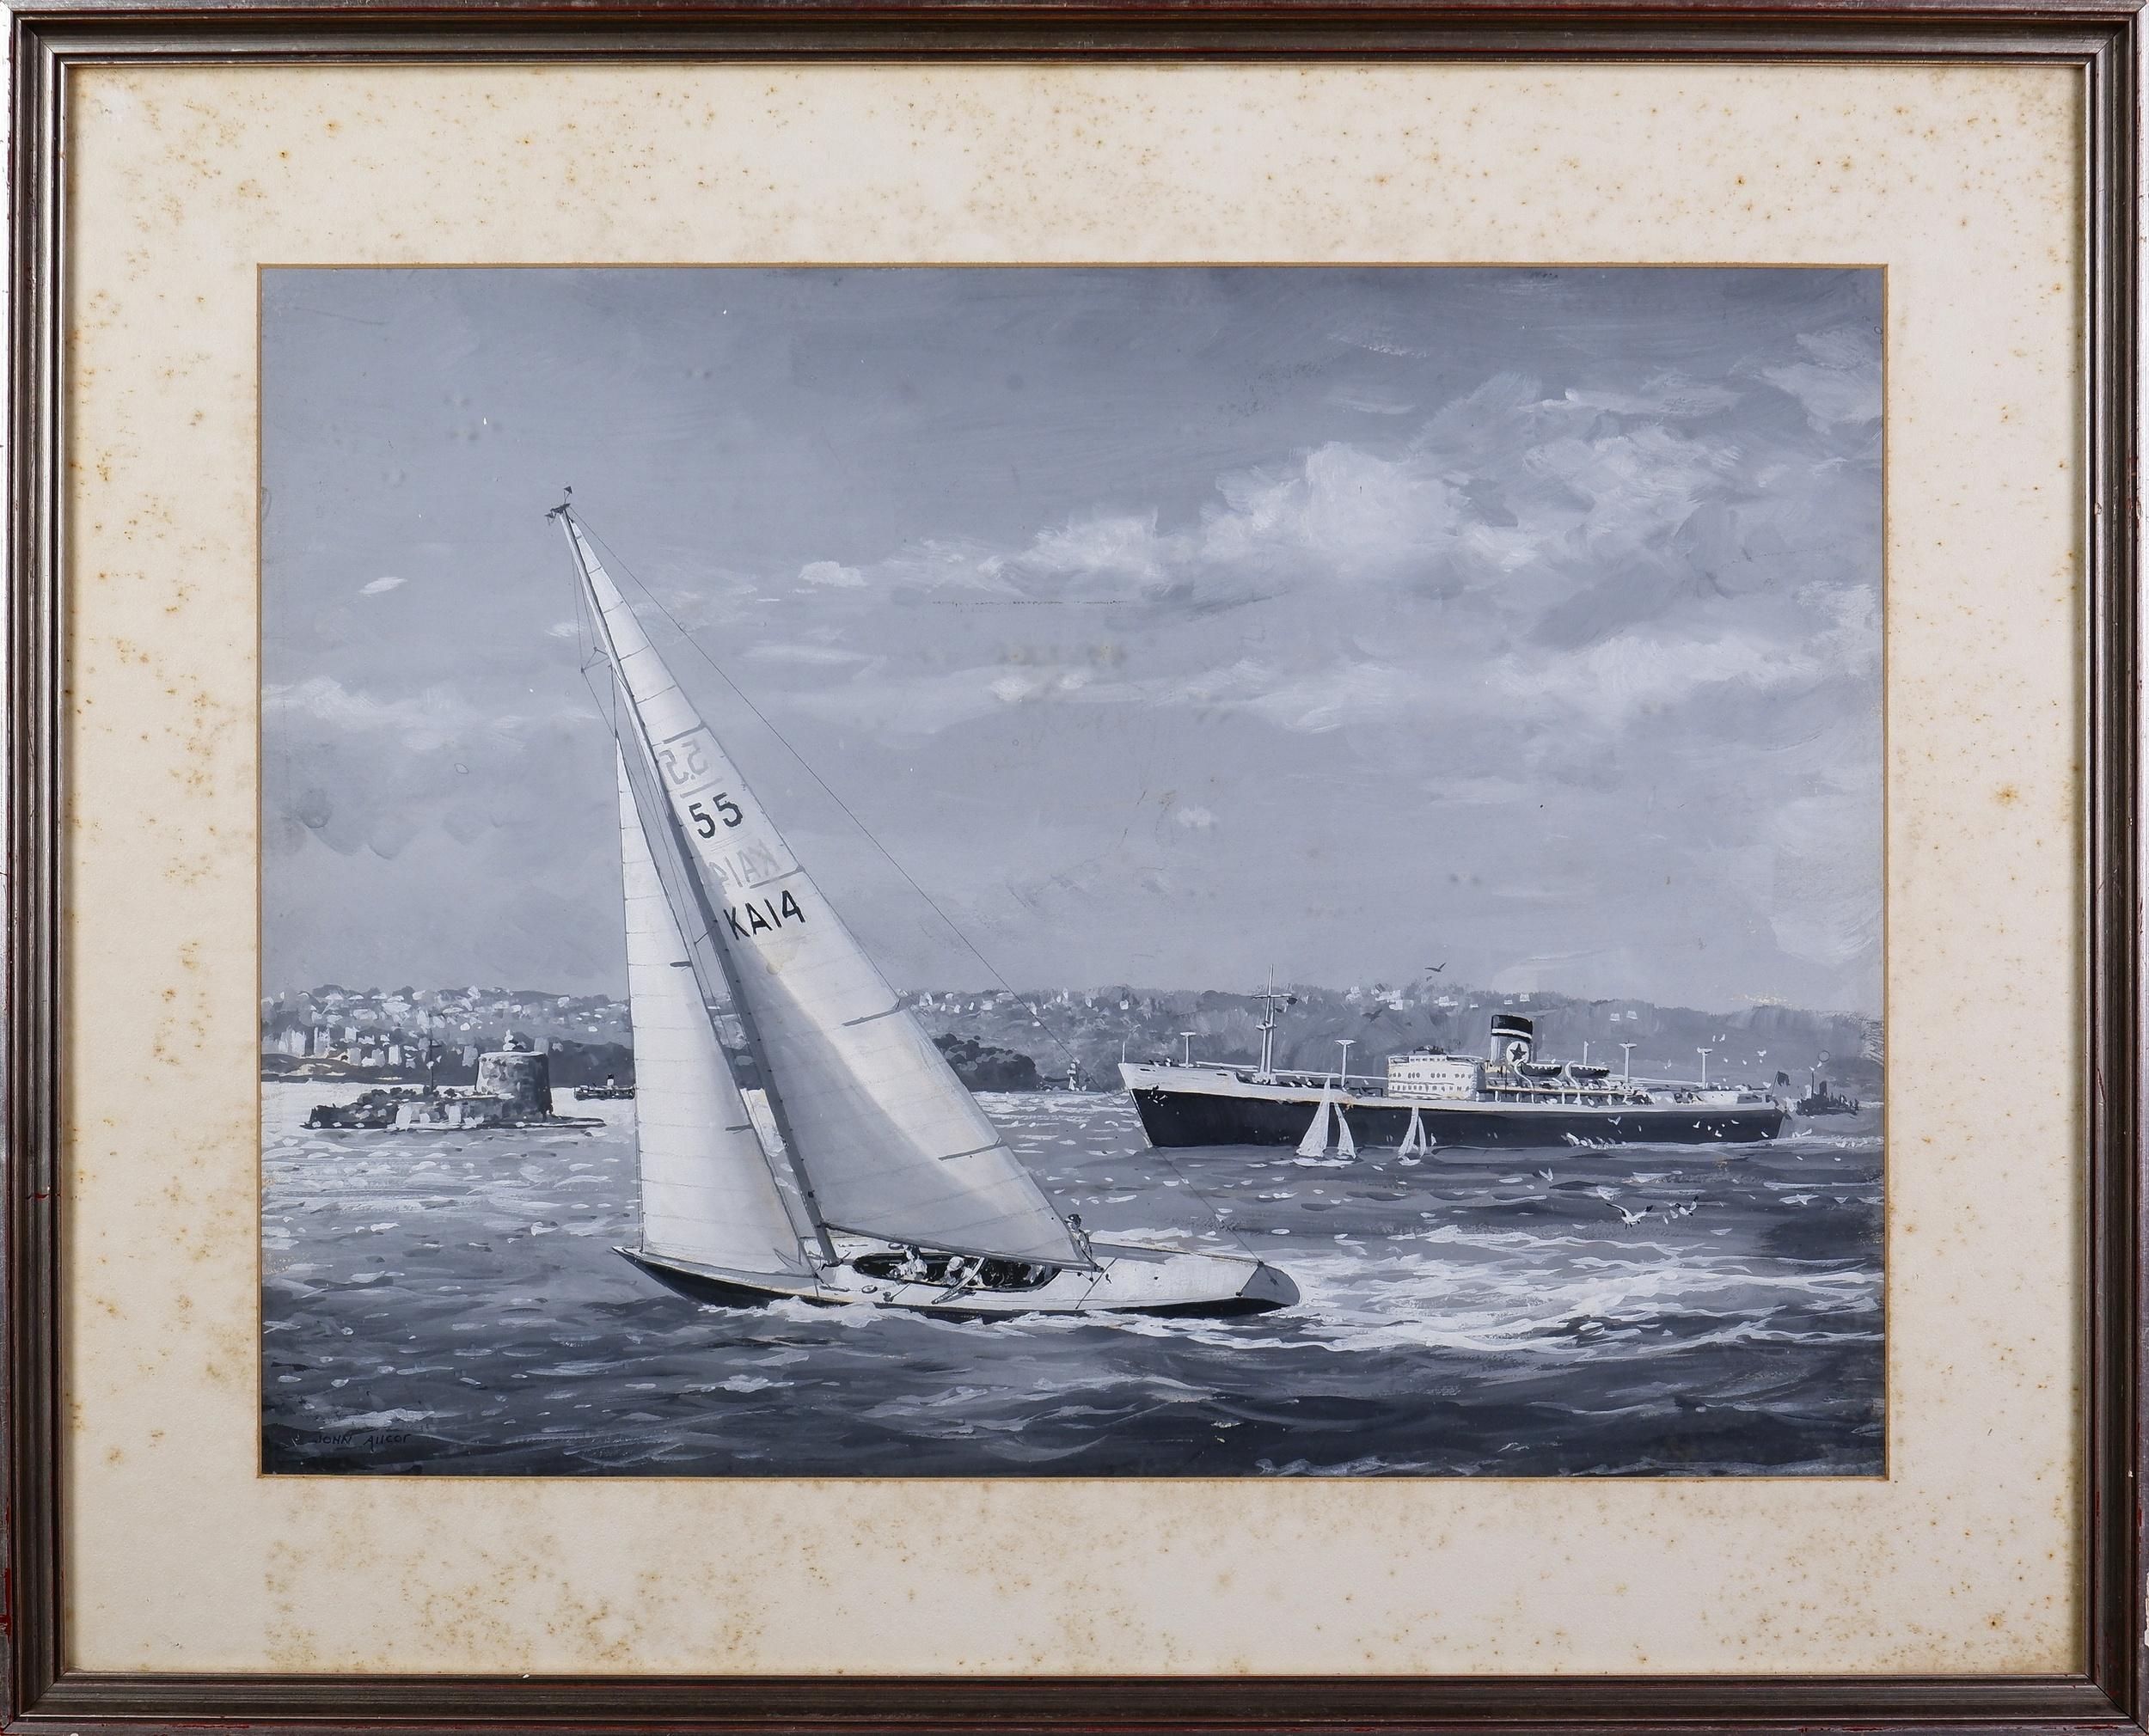 'John Allcot (1888-1973), Untitled (Sydney Harbour), Gouache on Paper, 37.5 x 50 cm'